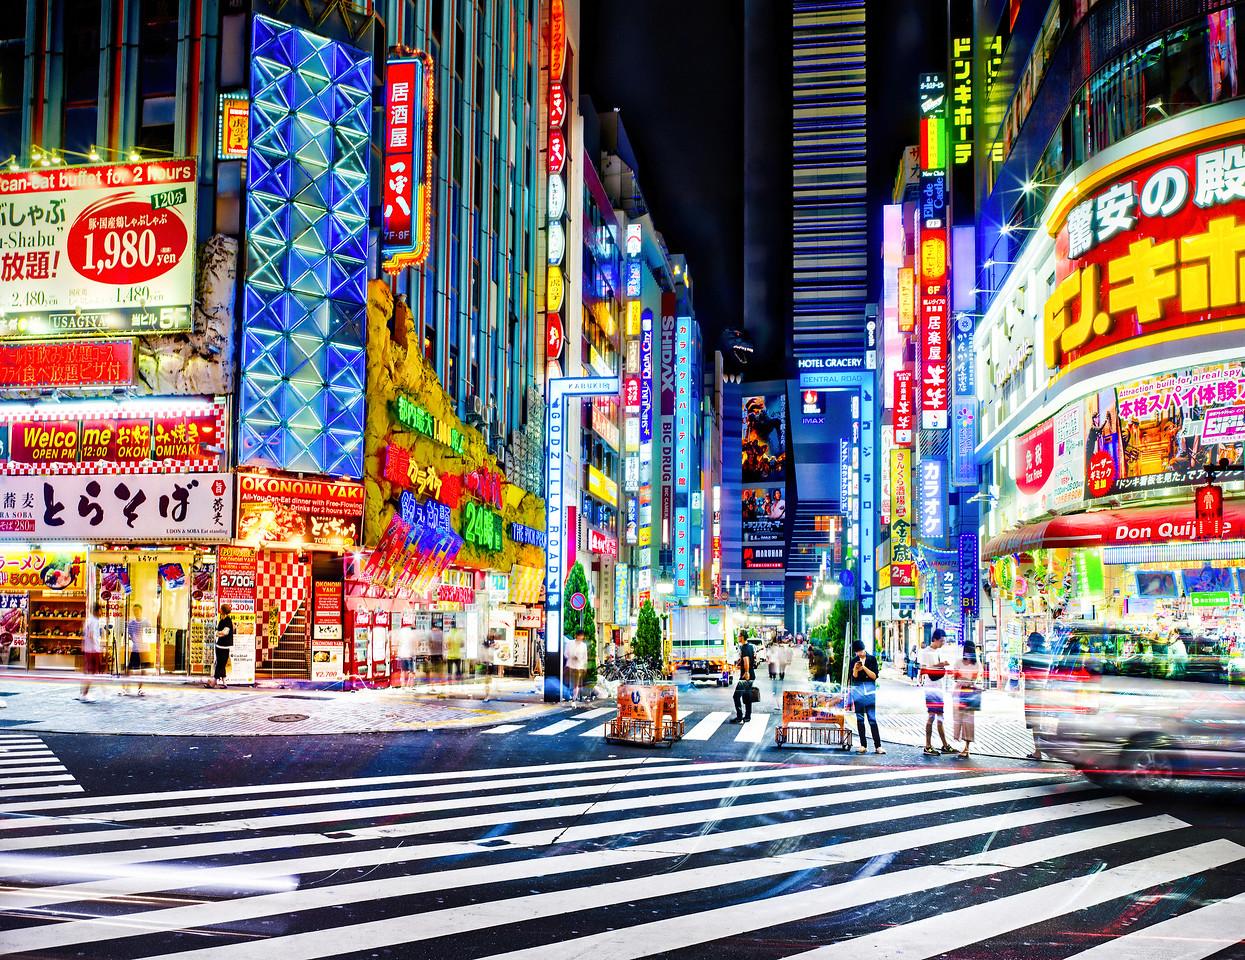 Shinjuku!